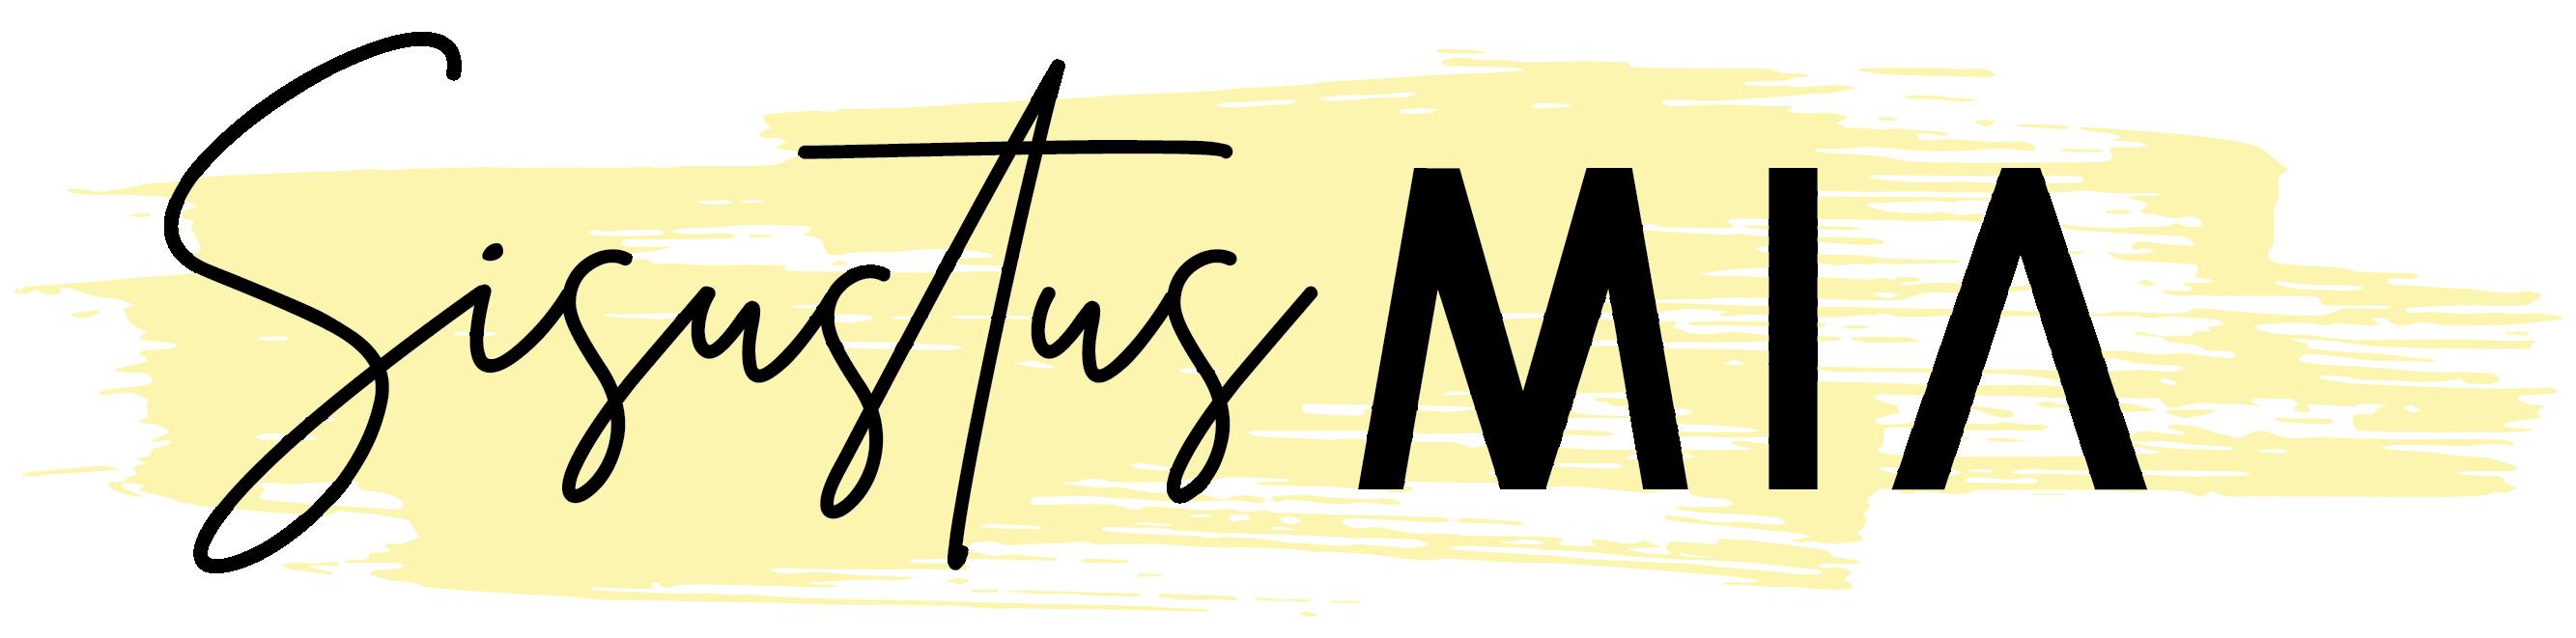 SisustusMia logo